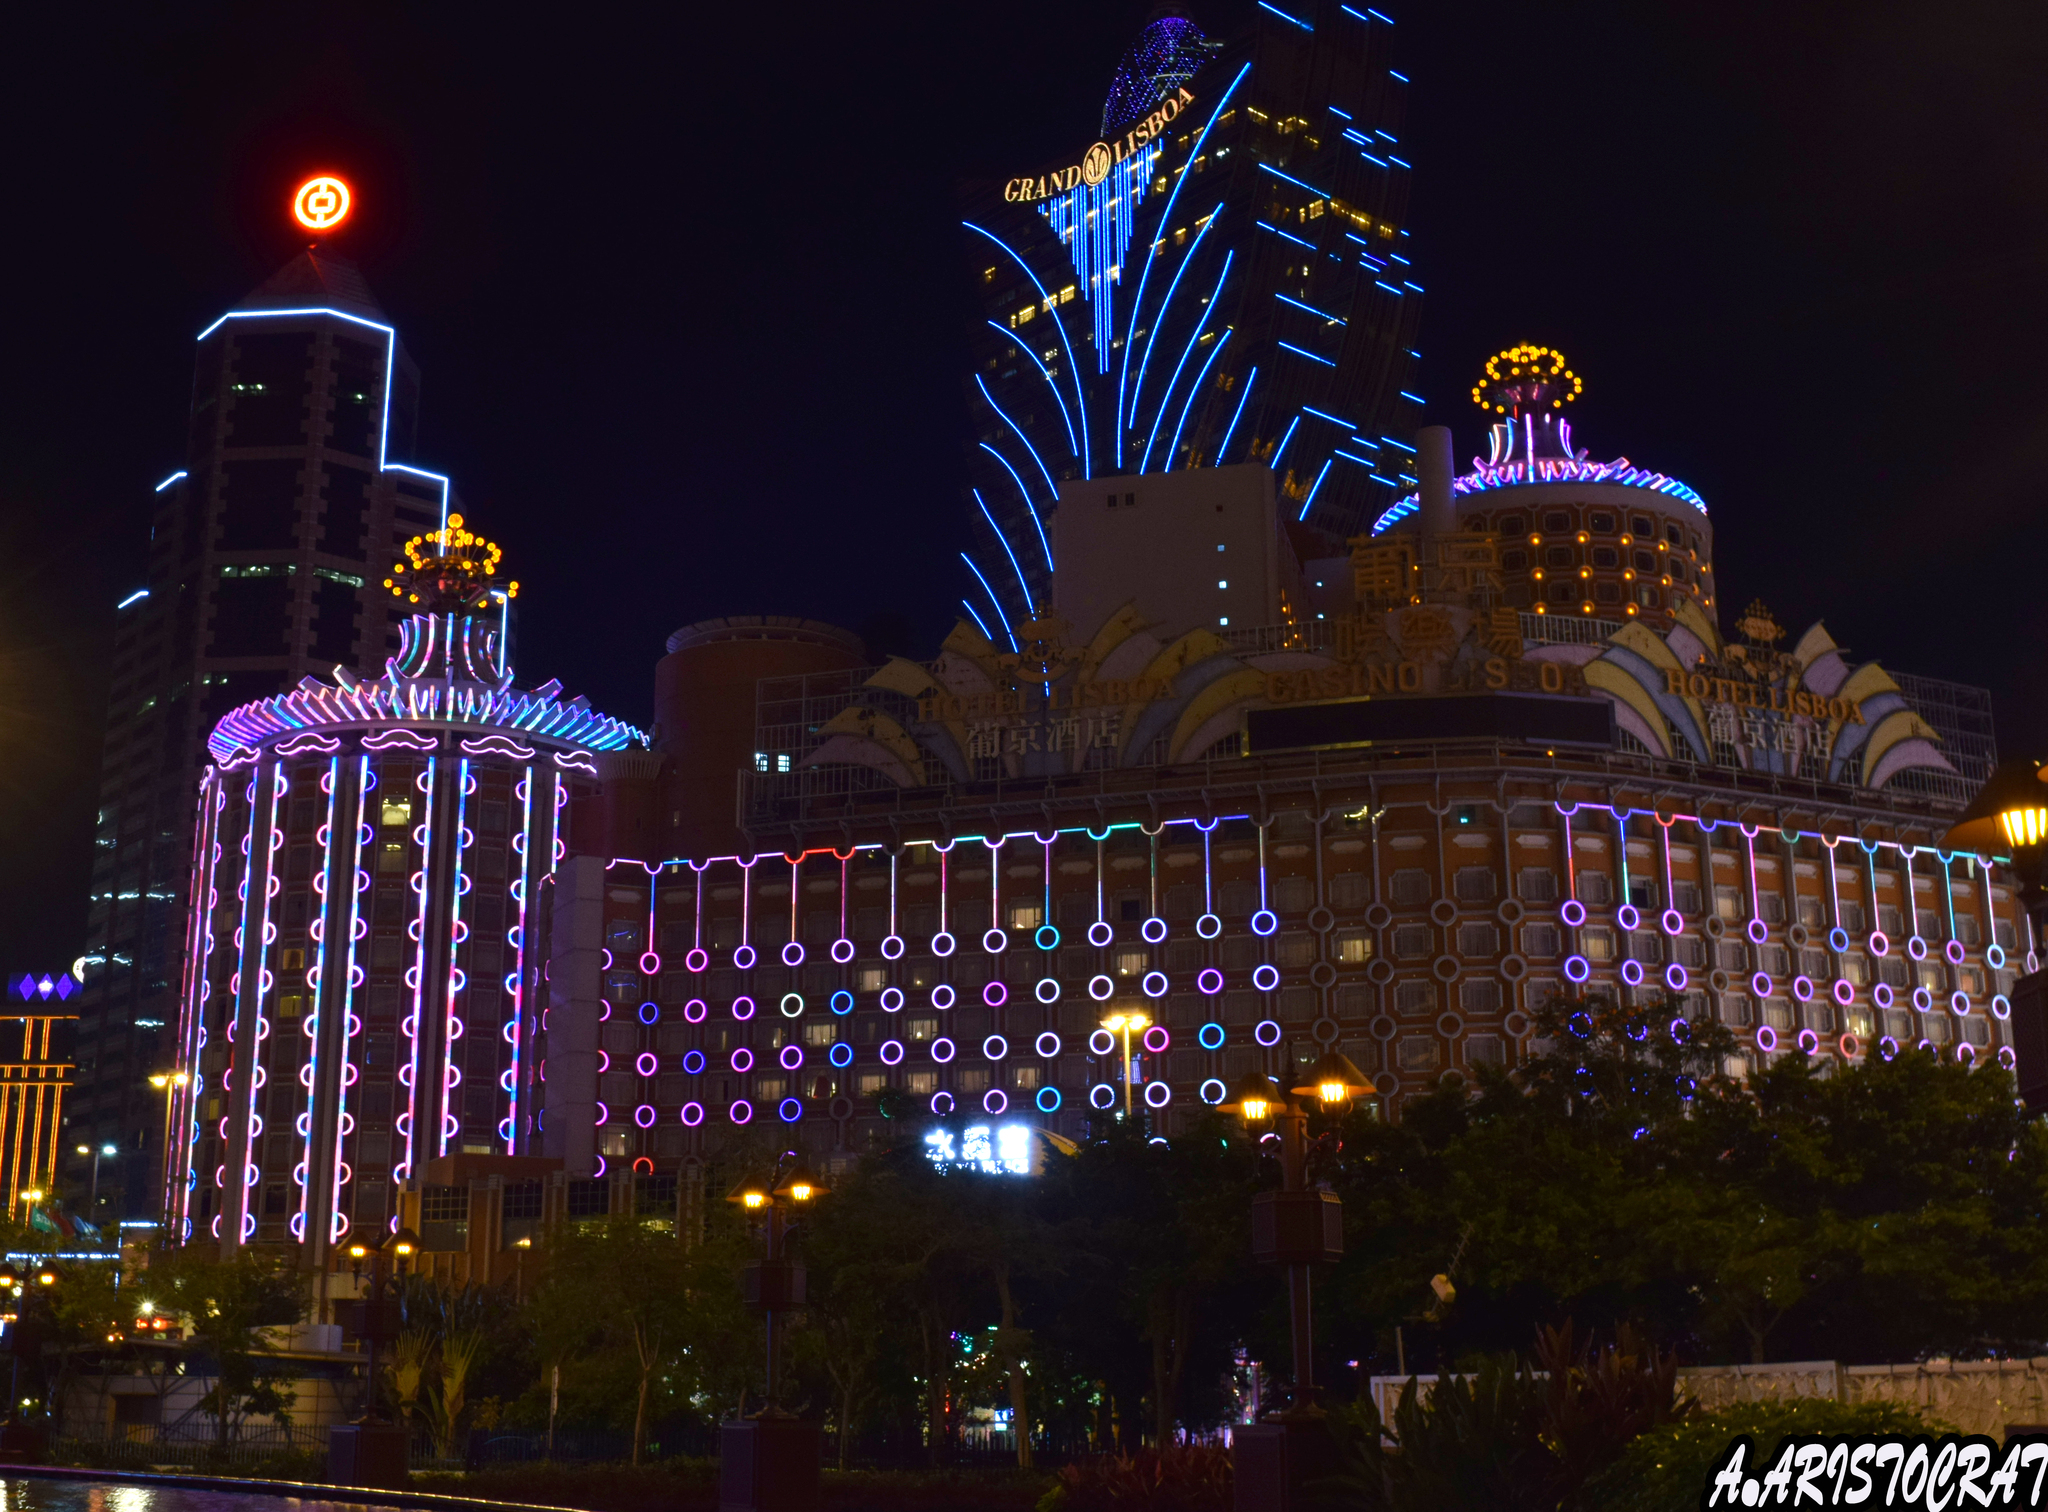 Стихи про казино в москве до закрытия играть игровые автоматы бесплатно